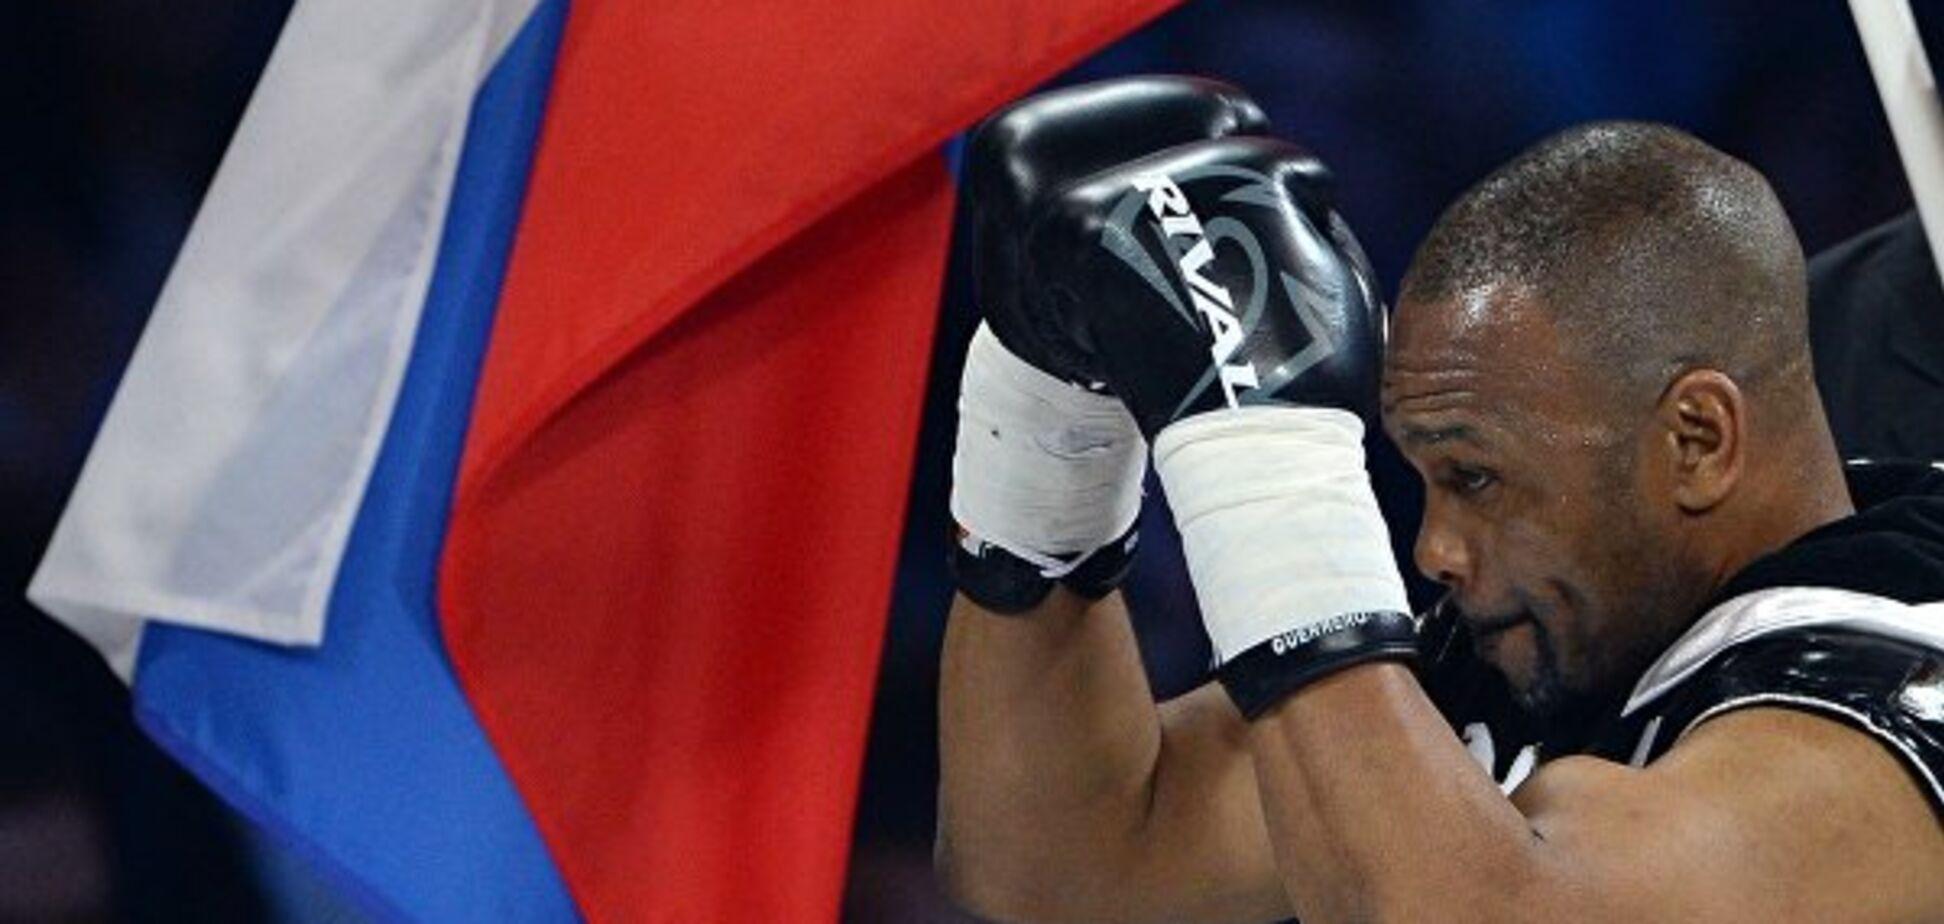 'Спасибо за все, что делаете'. Легендарный американский боксер восхитился Путиным и провозгласил себя русским